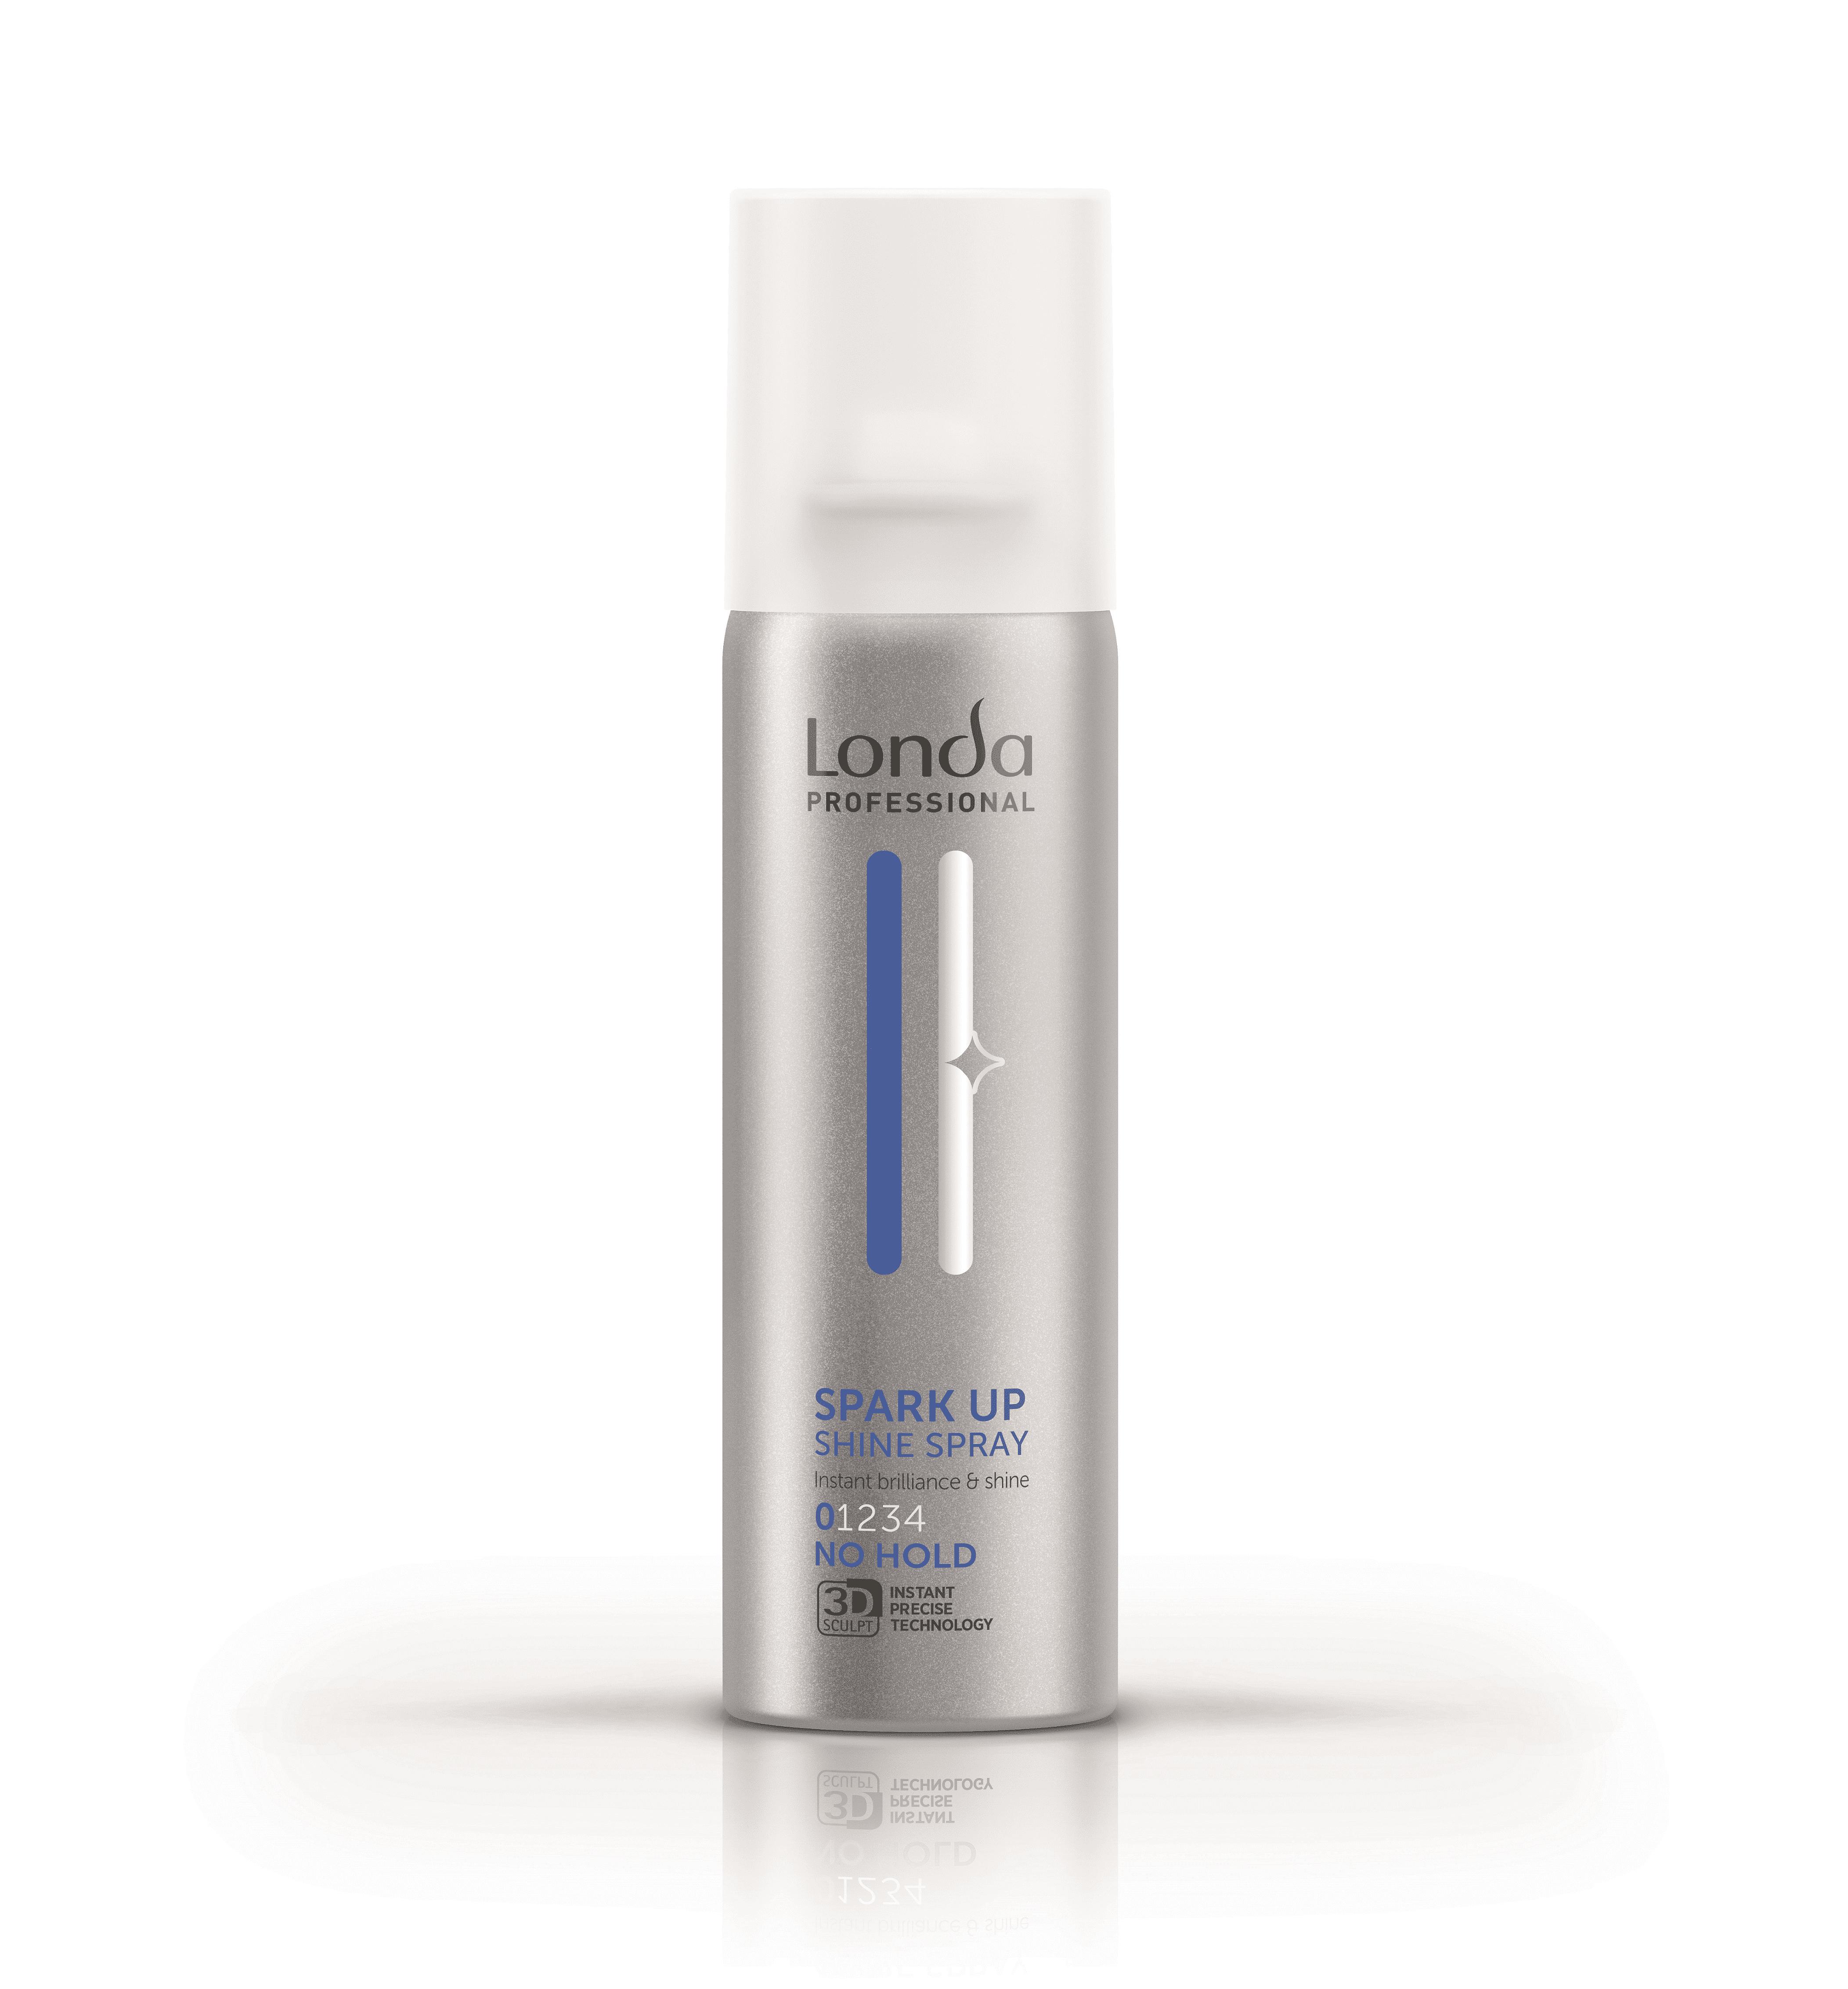 Londa Professional Spark Up Спрей-Блеск Для Волос Без Фиксации